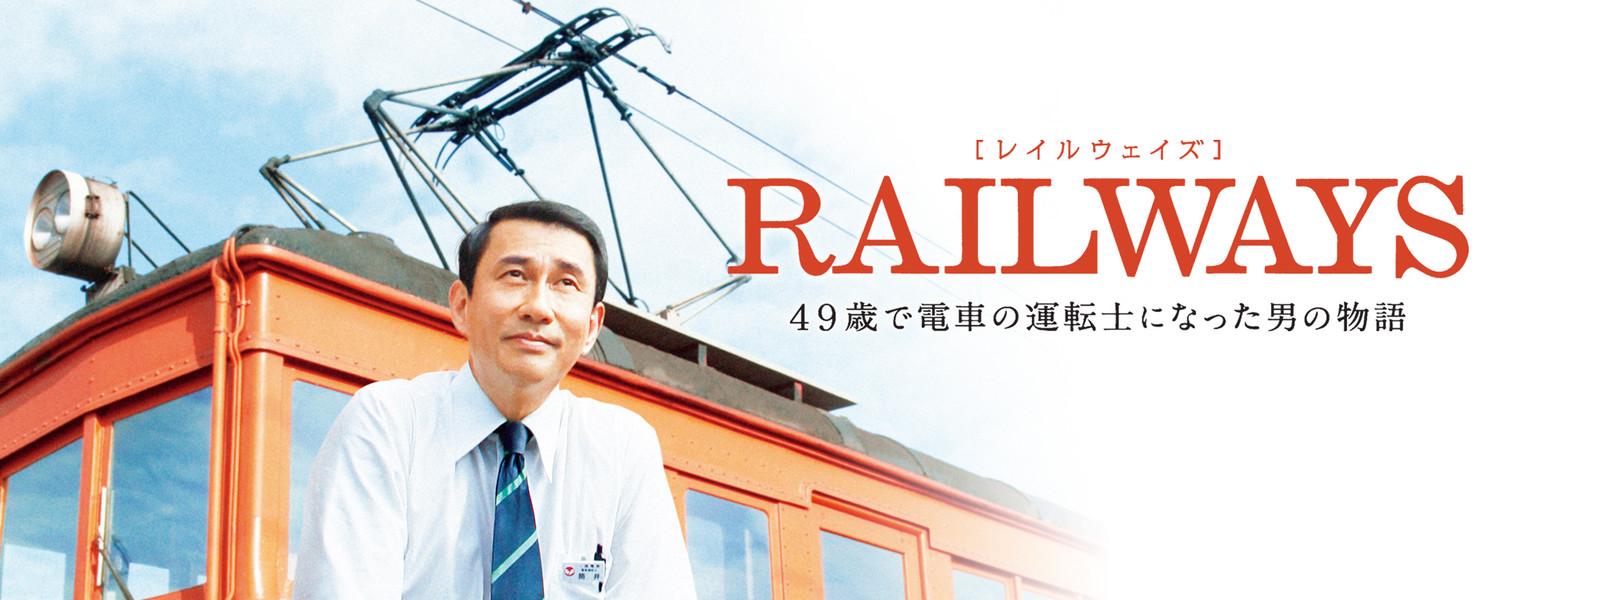 RAILWAYS 49歳で電車の運転士になった男の物語はどれで配信してる?